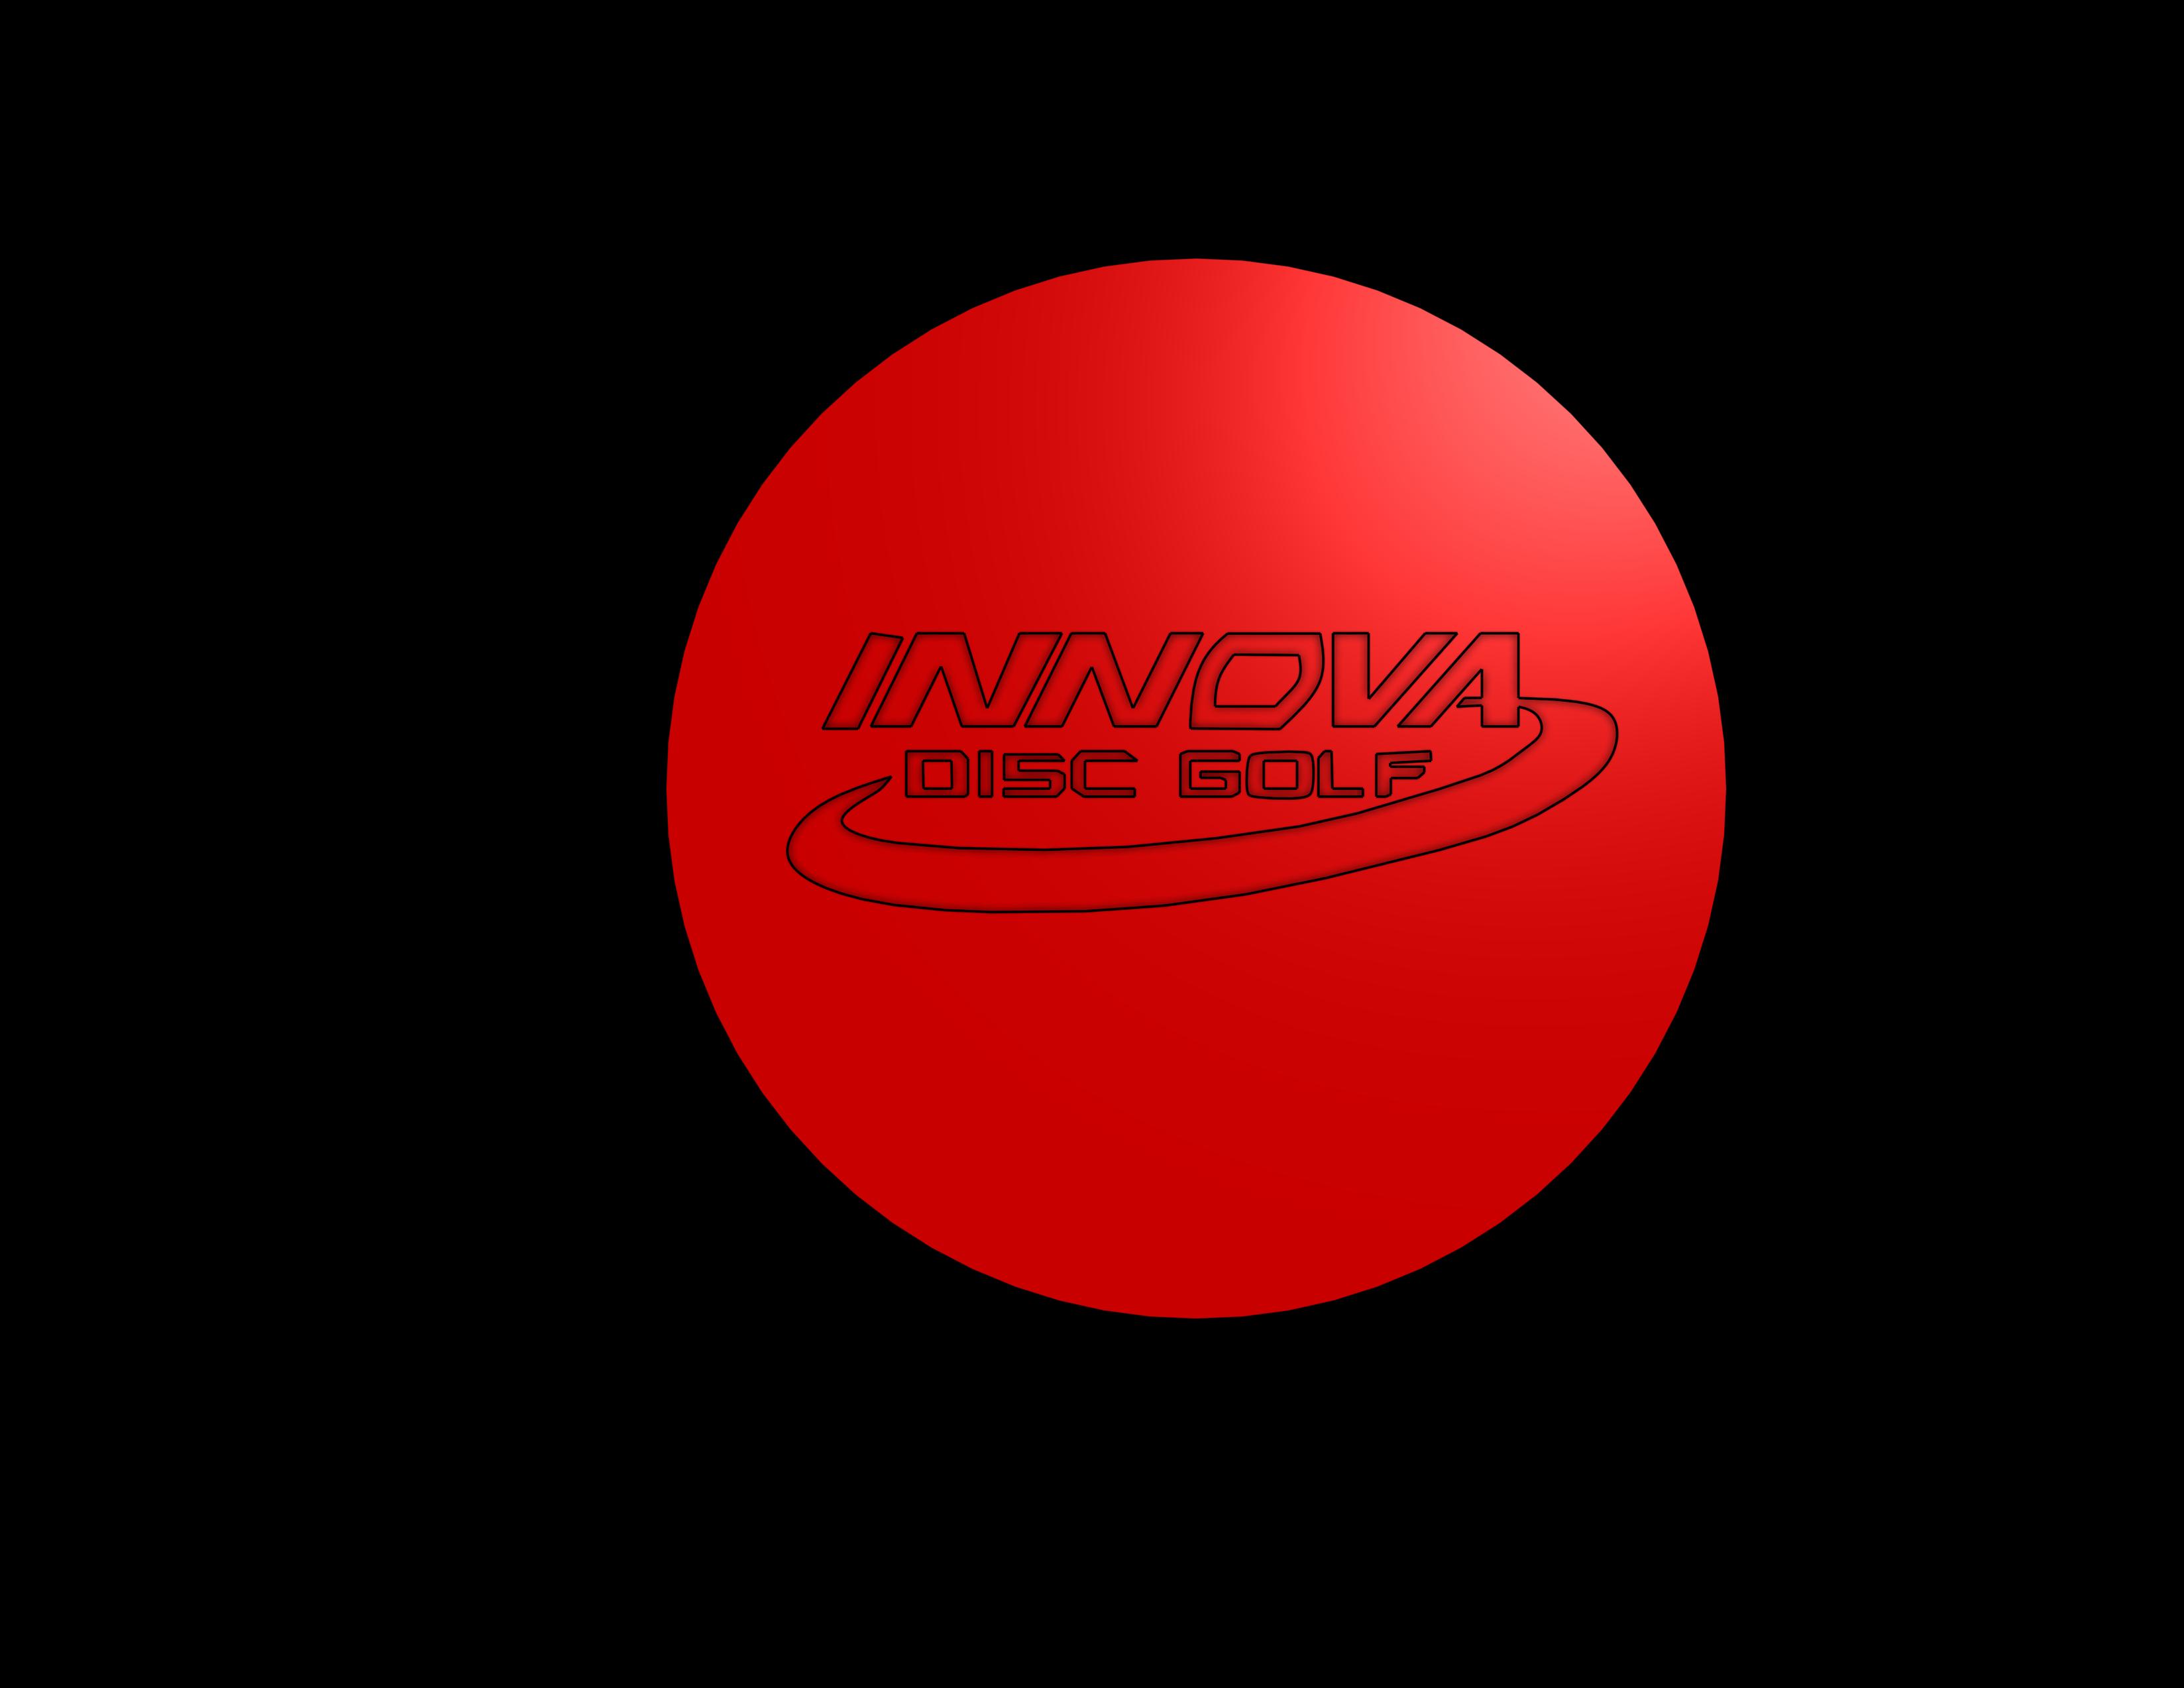 Innova.png Download free STL file Disc Golf Coaster set • 3D printable design, parkerpate28